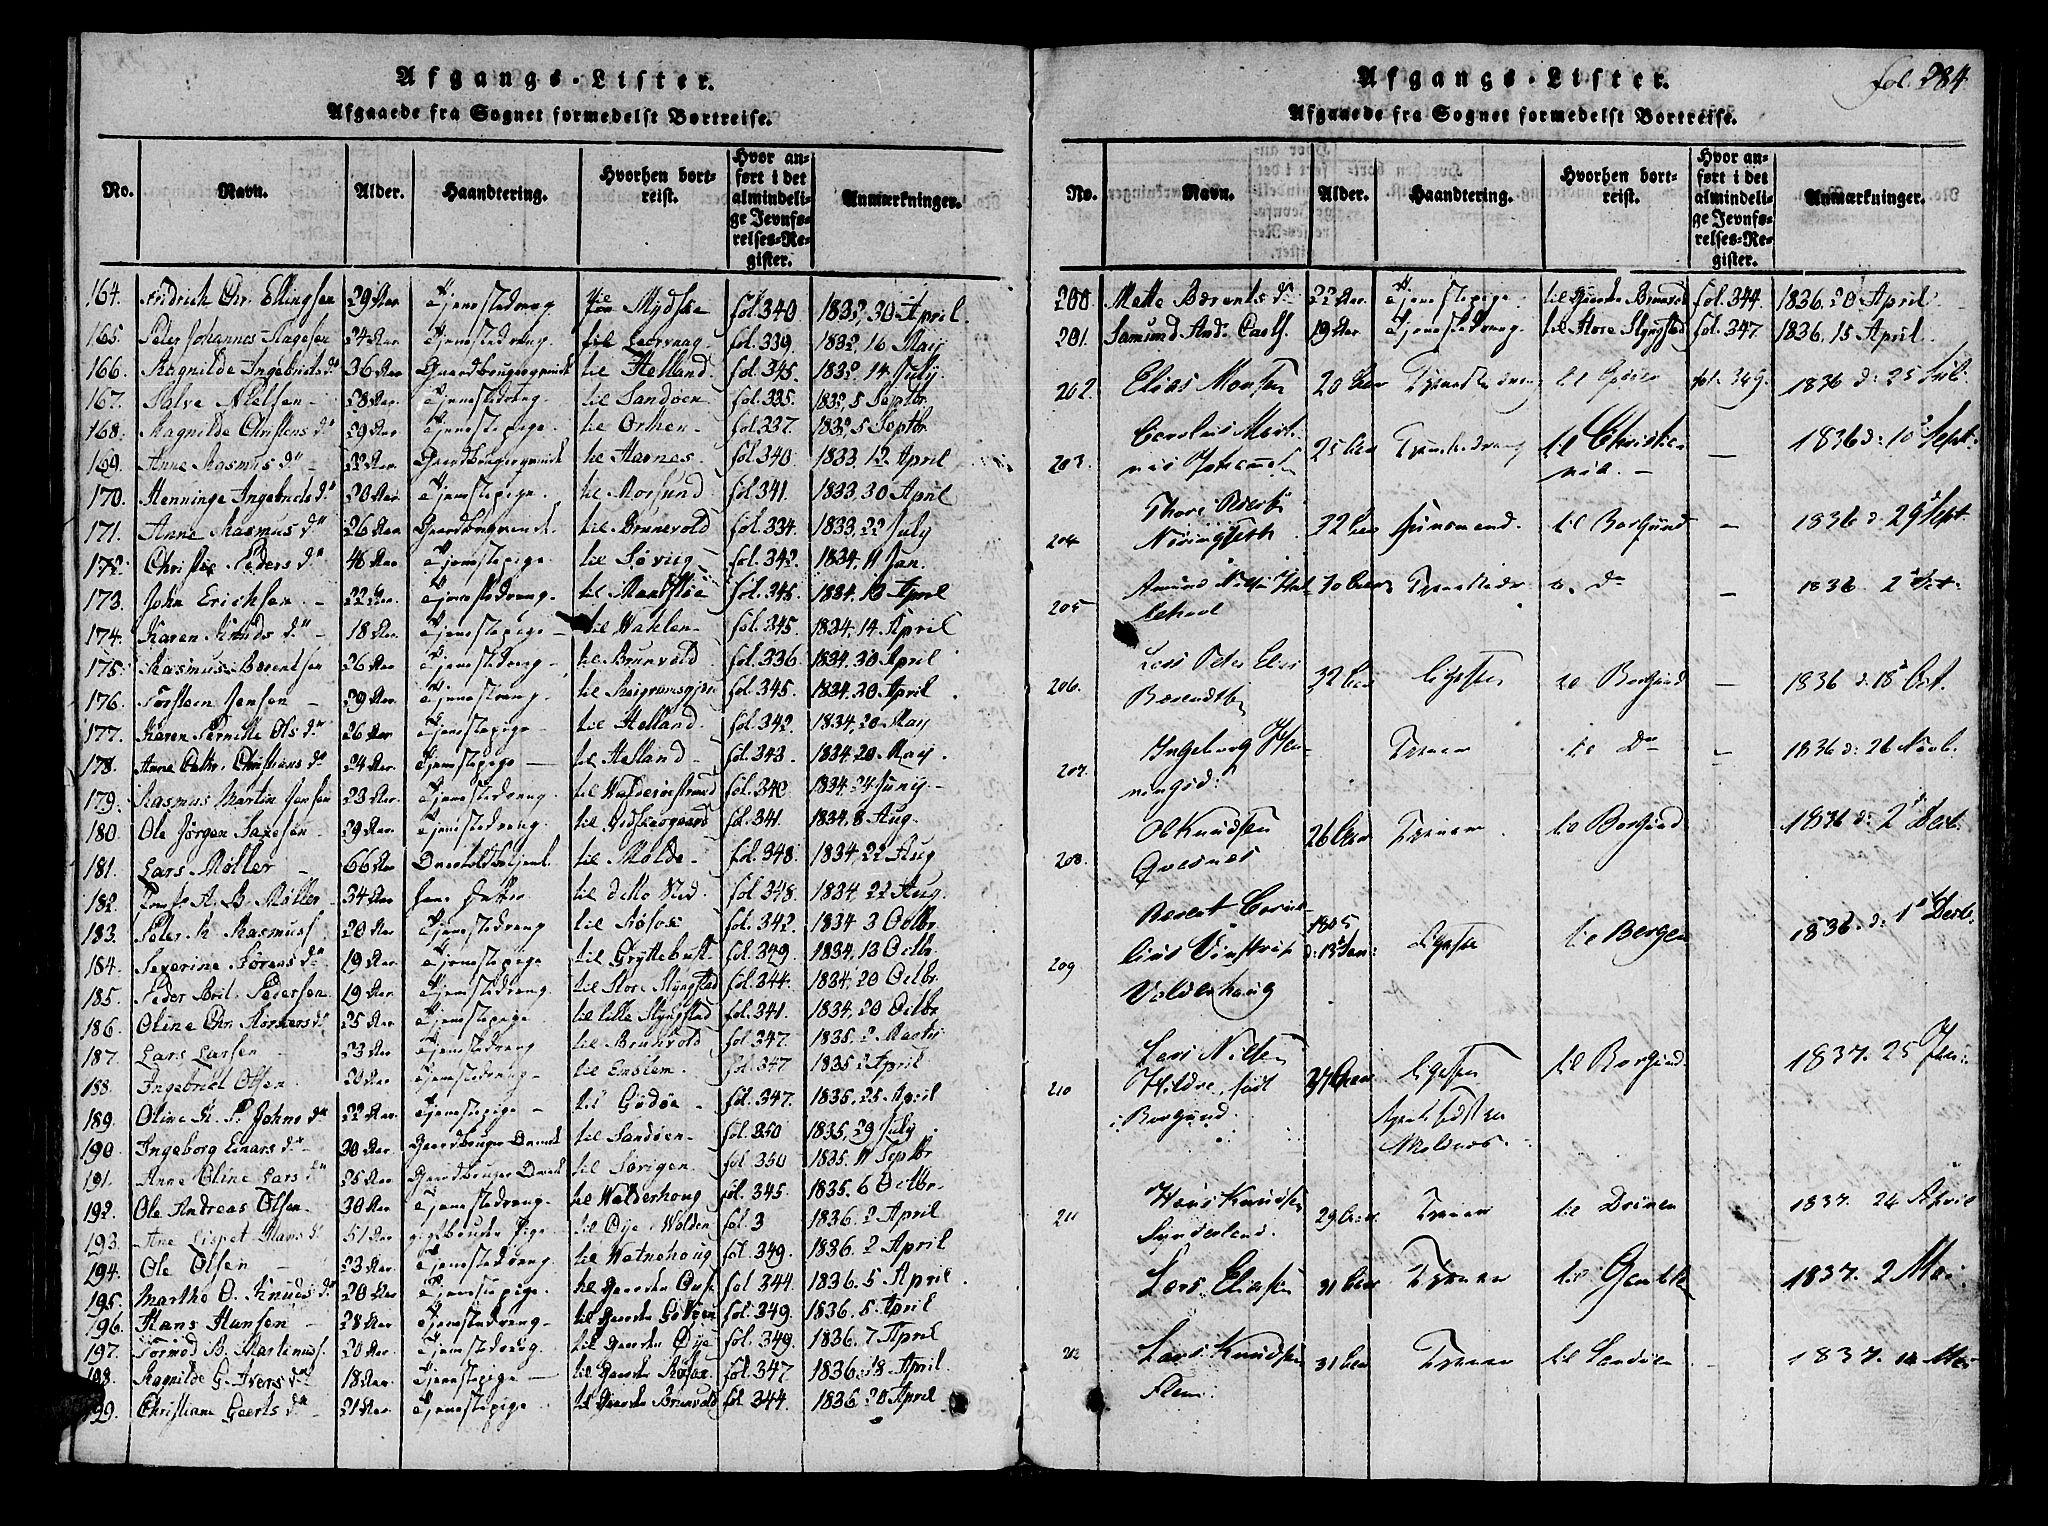 SAT, Ministerialprotokoller, klokkerbøker og fødselsregistre - Møre og Romsdal, 536/L0495: Ministerialbok nr. 536A04, 1818-1847, s. 284